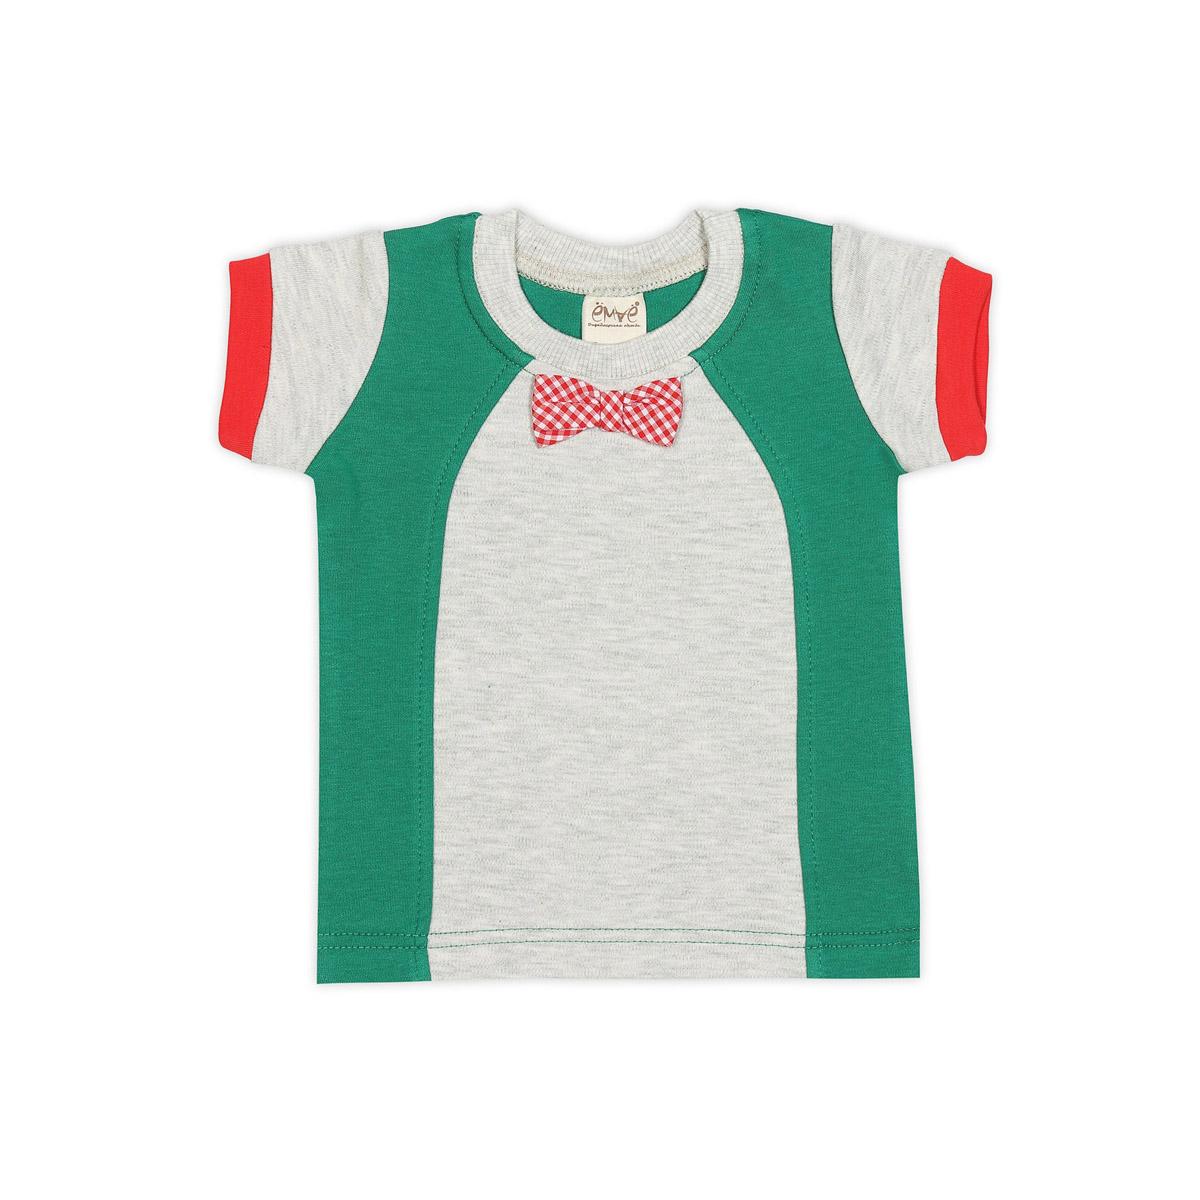 Футболка Ёмаё Хохлома (27-636) рост 62 светло серый меланж с зеленым<br>